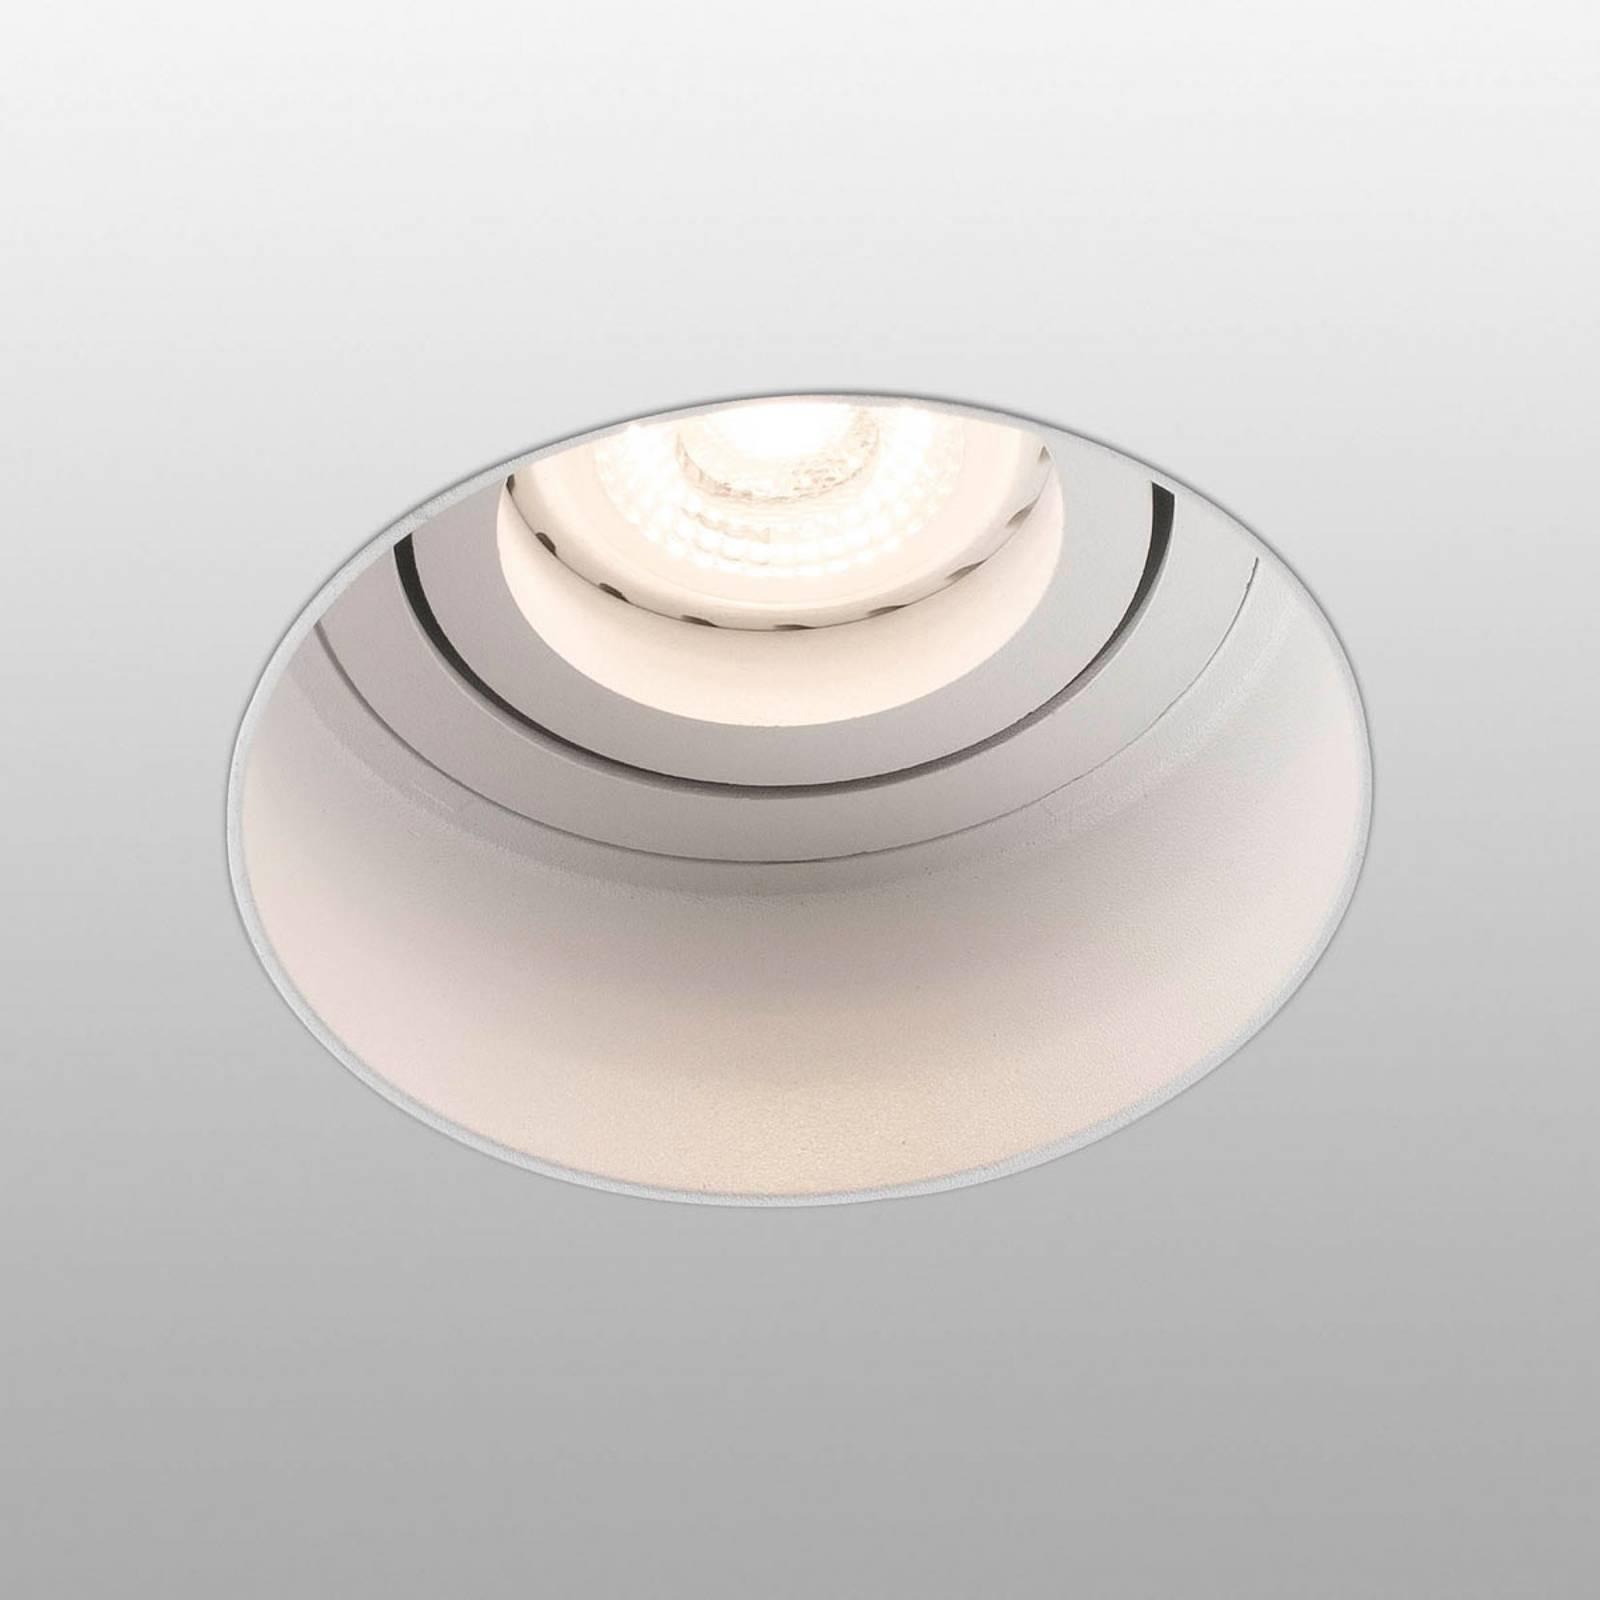 Uppokohdevalo Hyde 1-lamp. pyöreä valkoinen